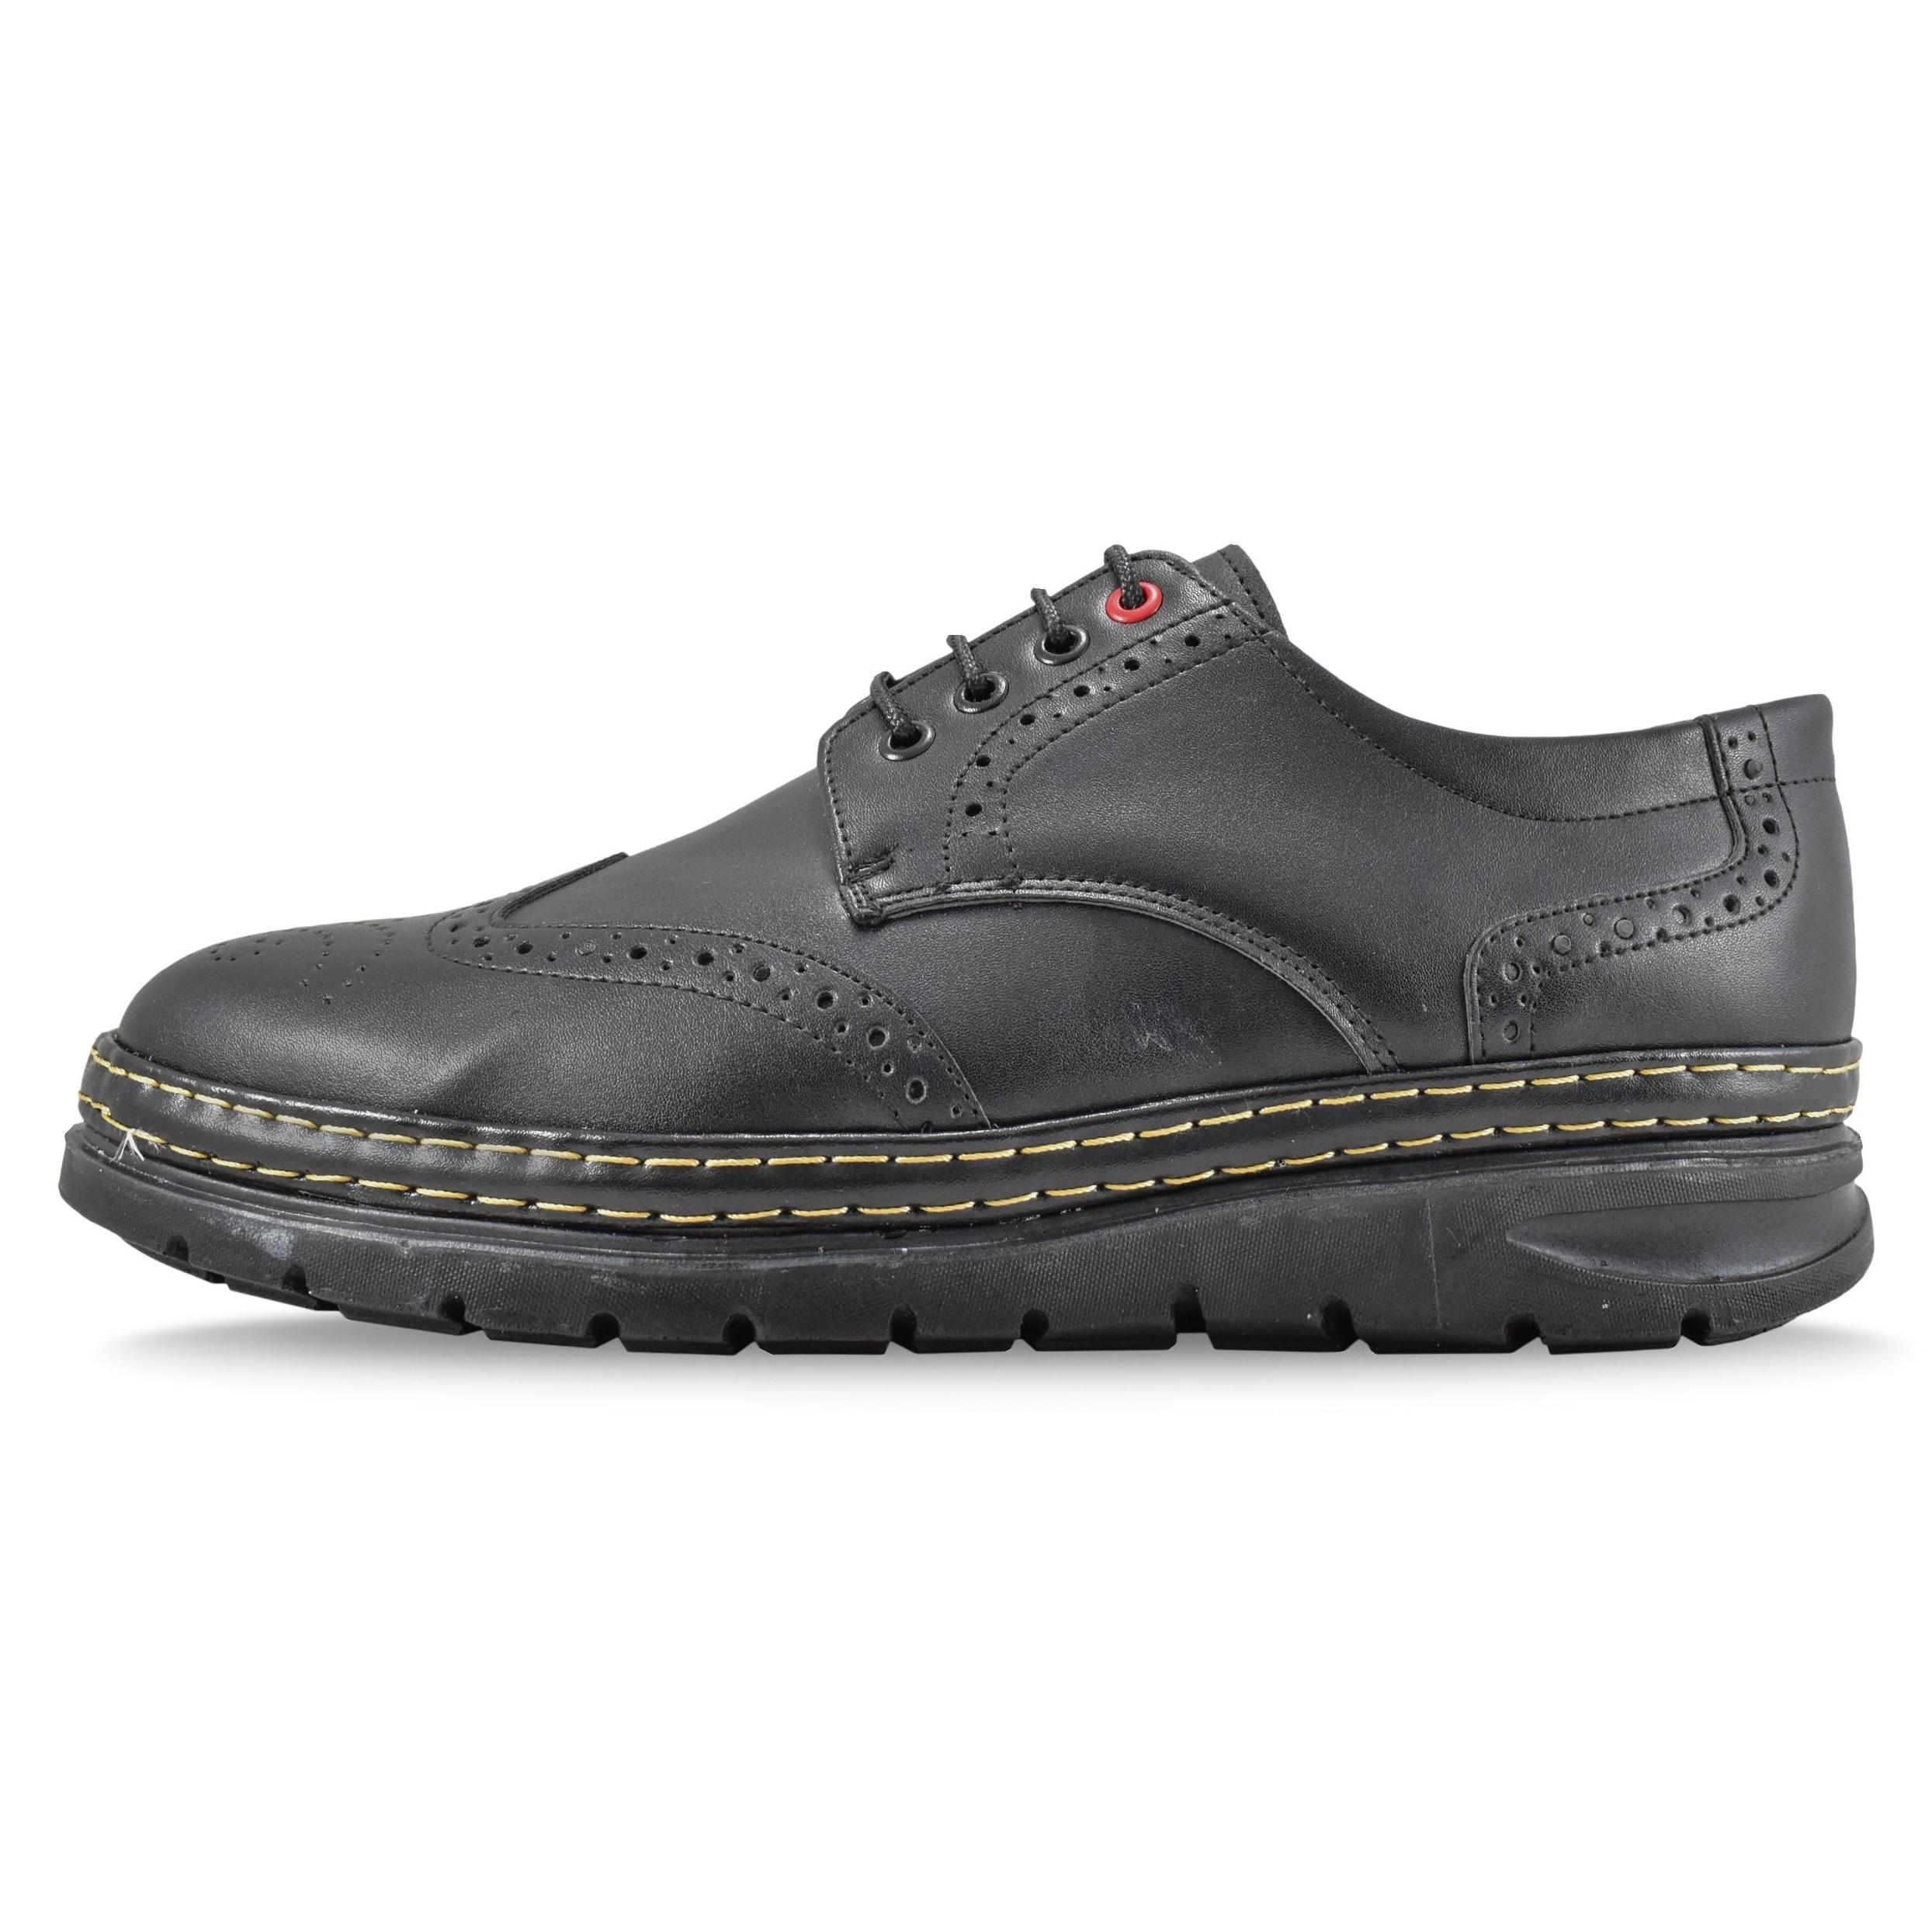 قیمت خرید کفش مردانه مدل هشترک کد 4297 اورجینال